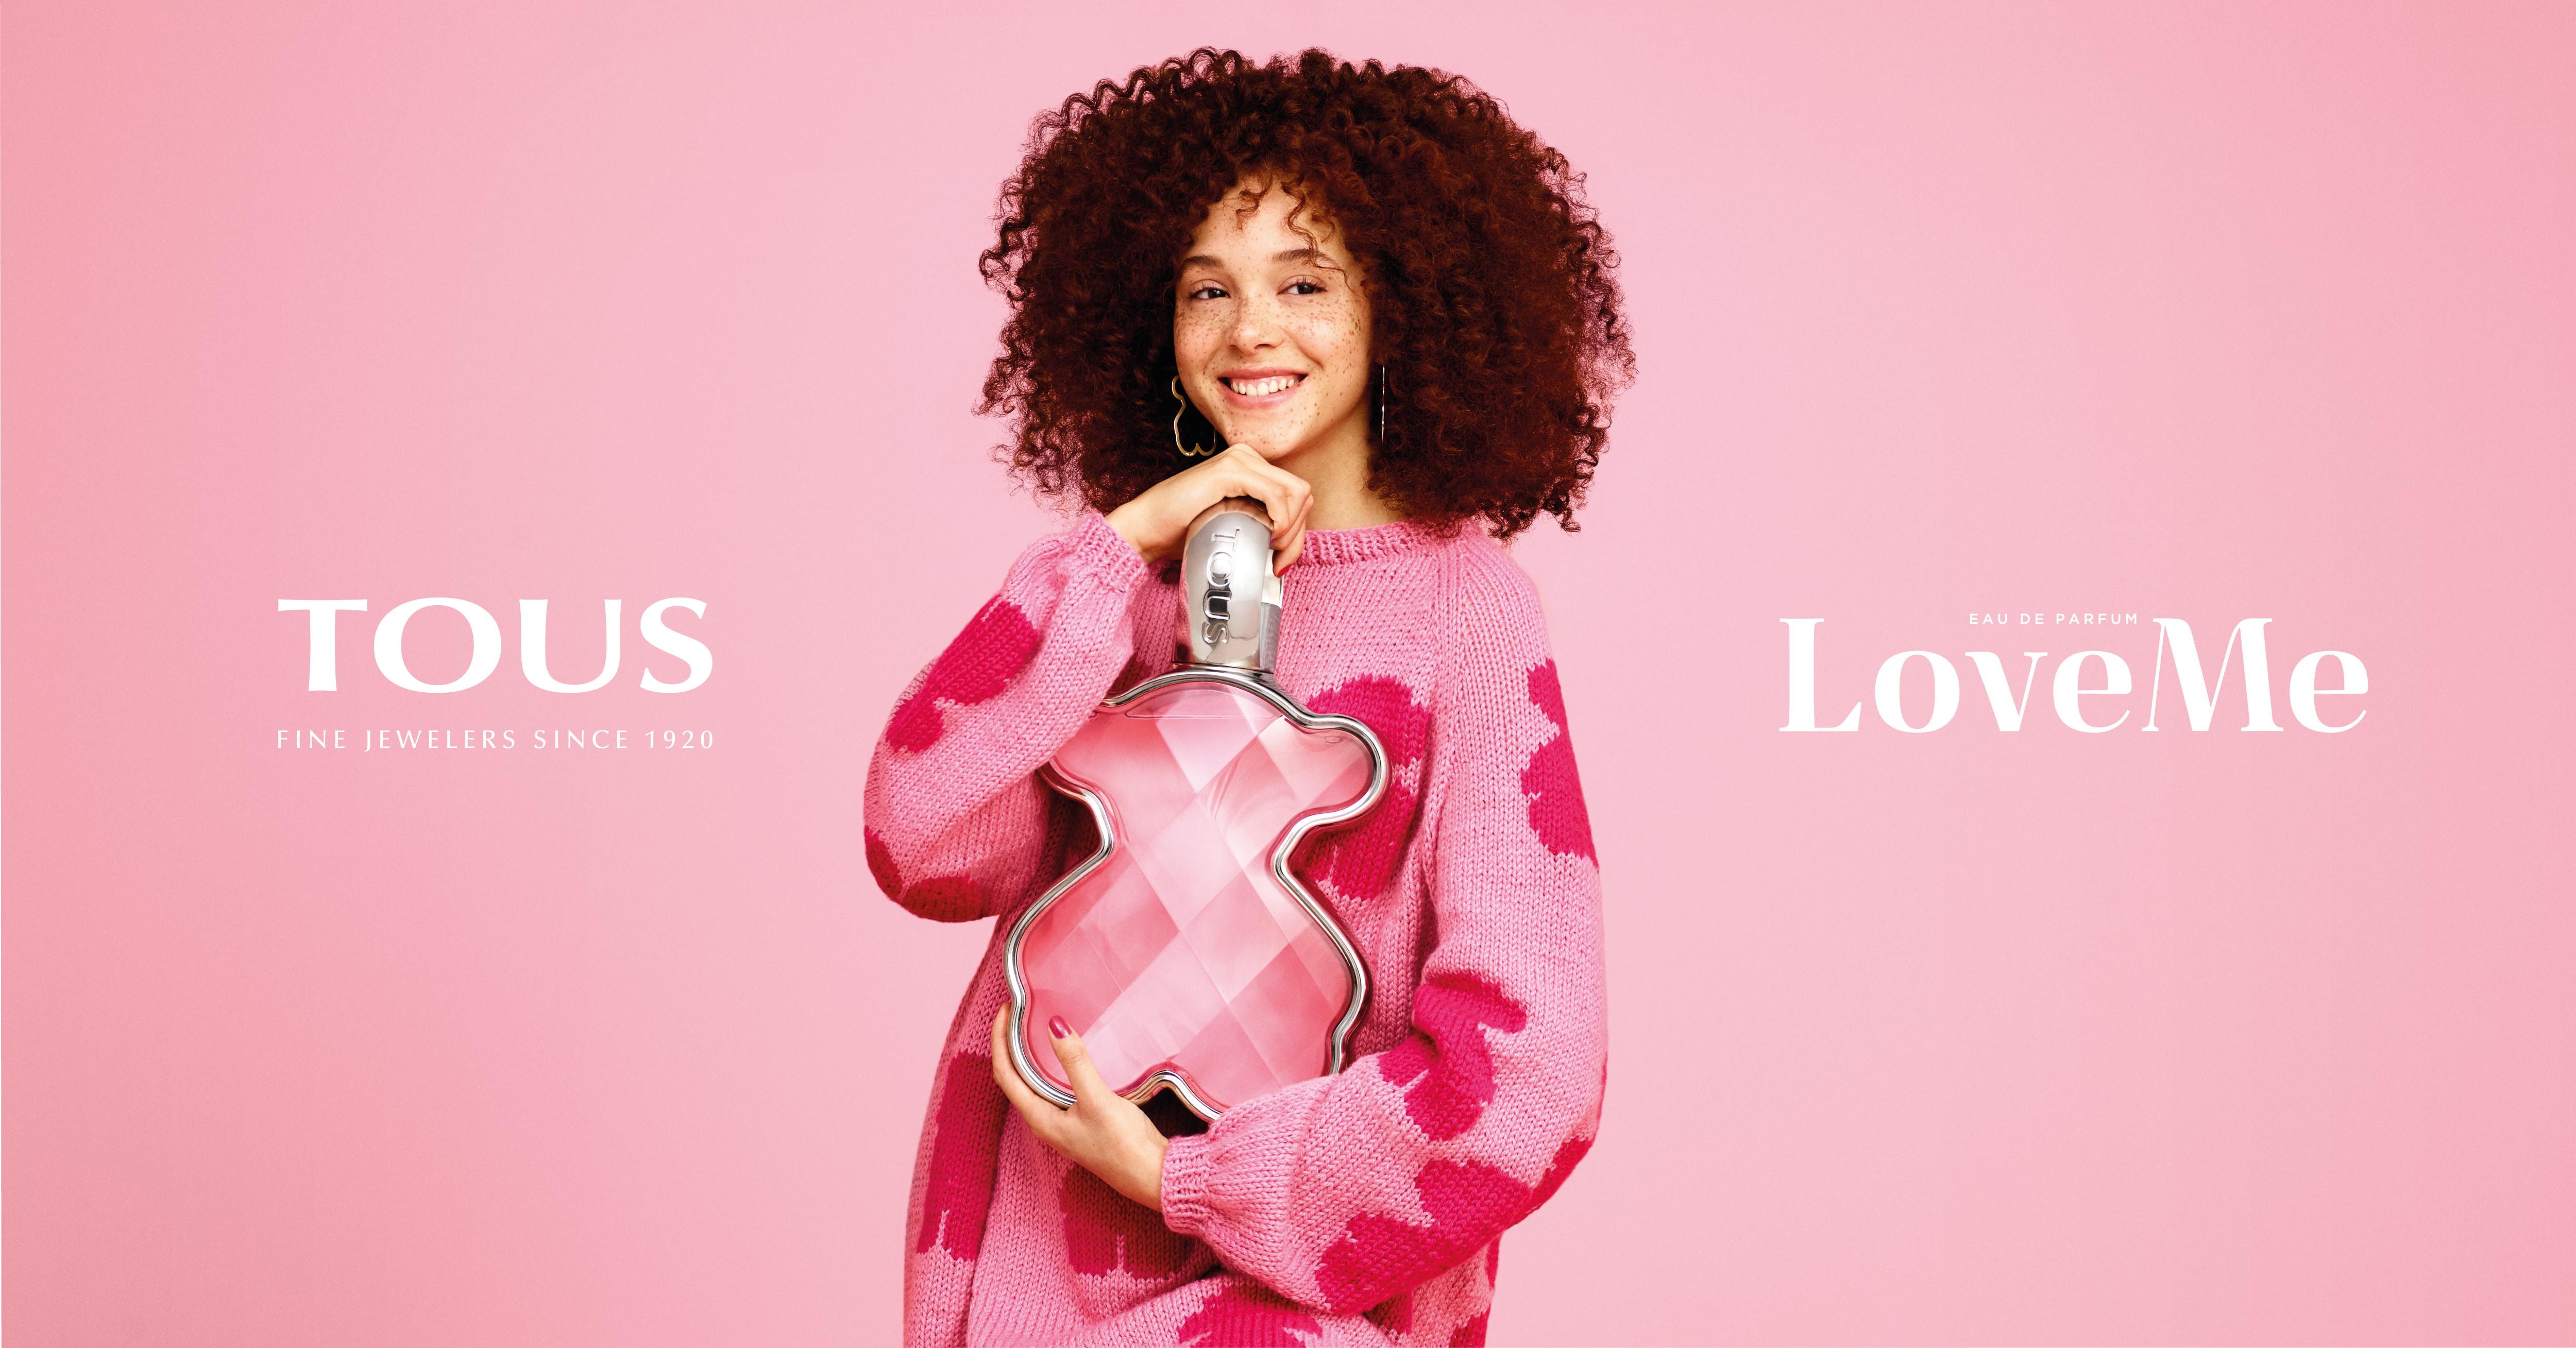 LoveMe The new Eau de Parfum